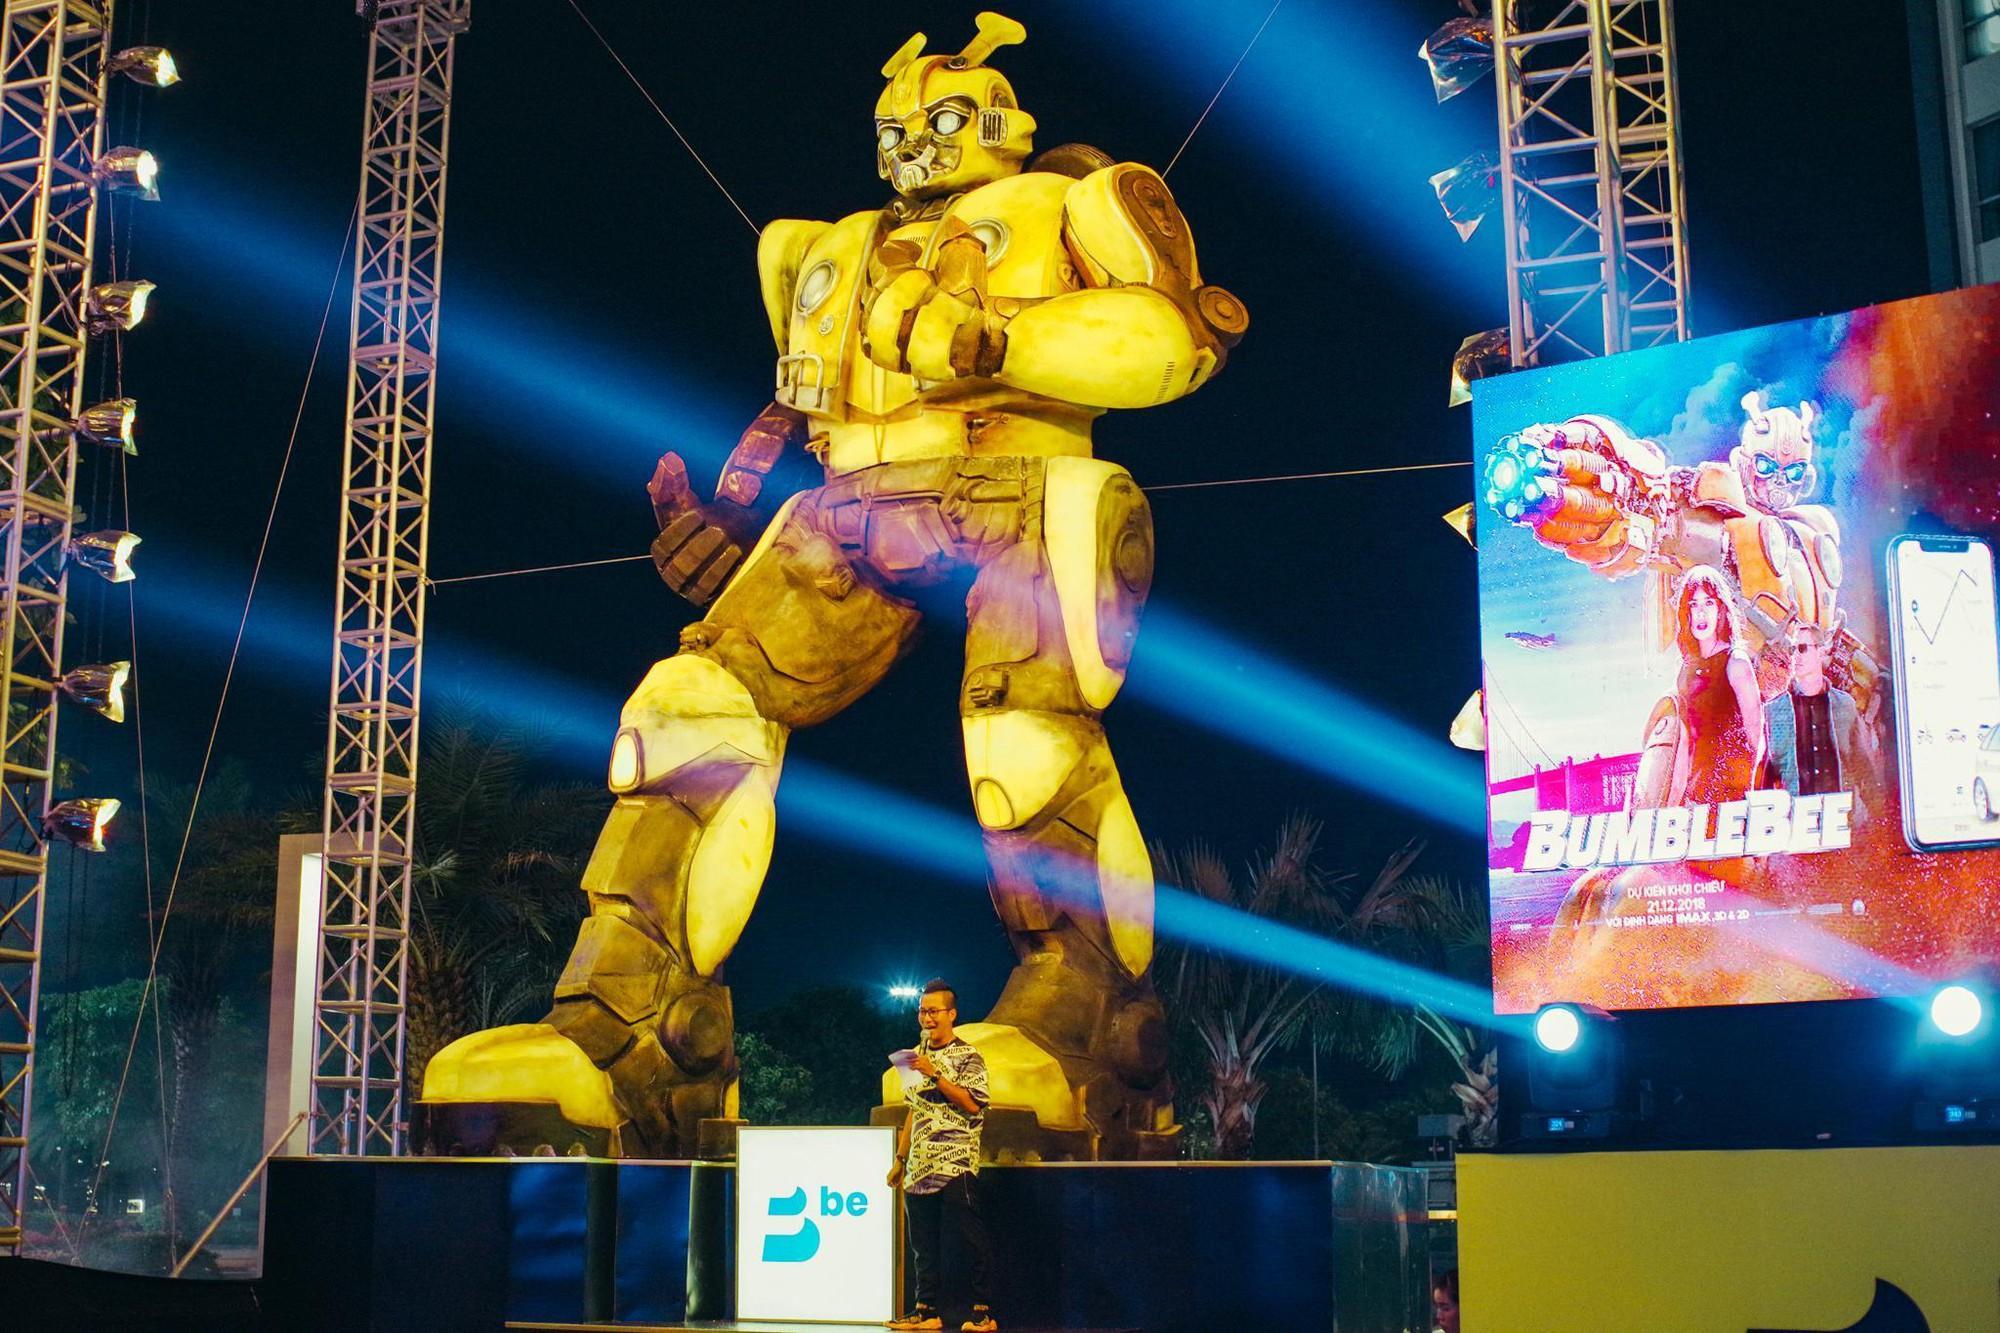 Choáng ngợp với mô hình Bumblebee lớn nhất tại Việt Nam - Ảnh 4.